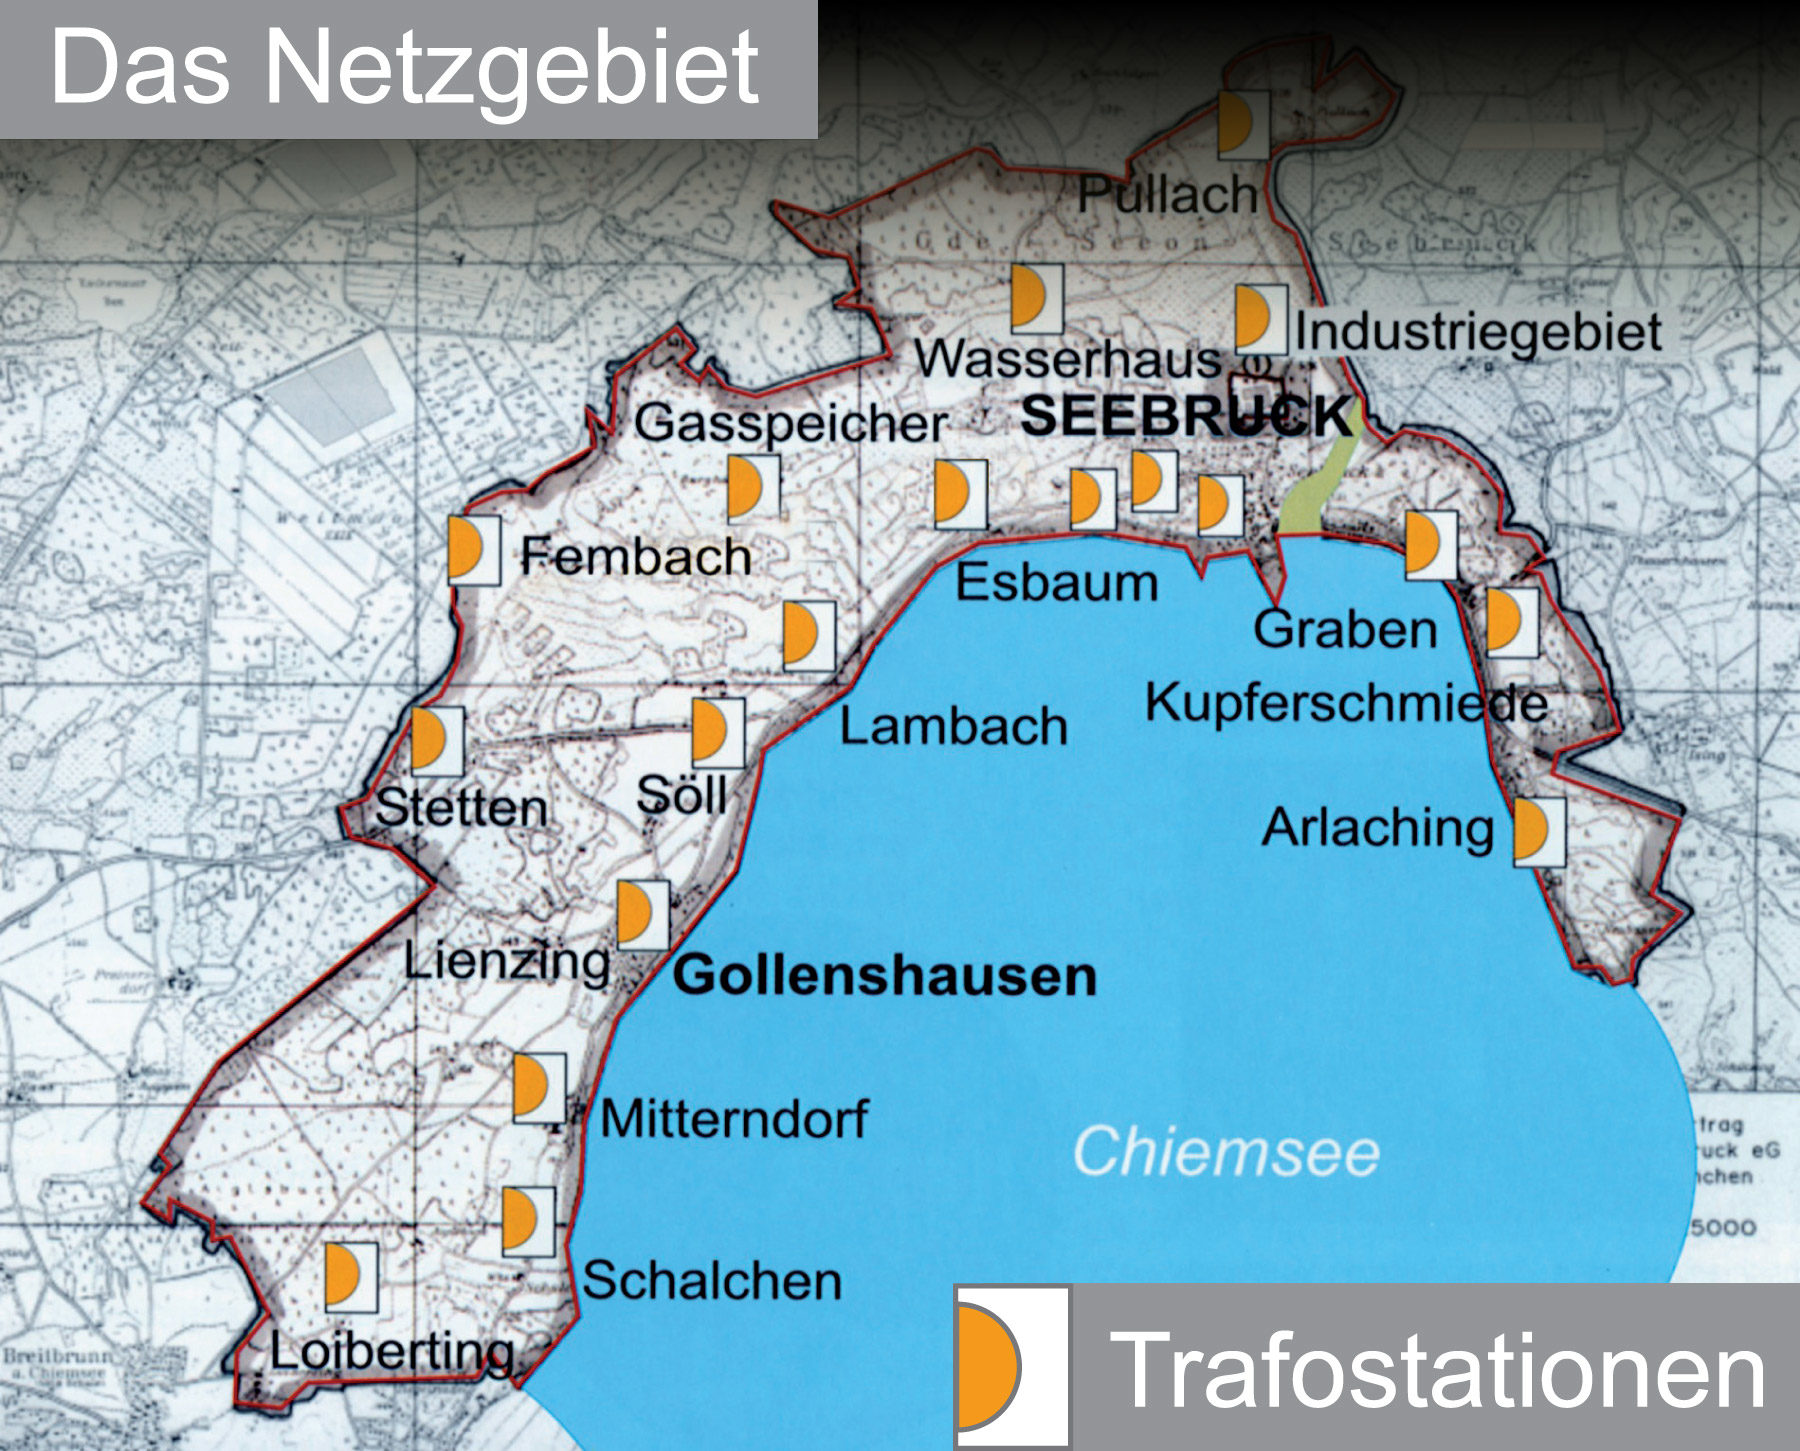 Netzgebiet Stromversorgung Seebruck eG